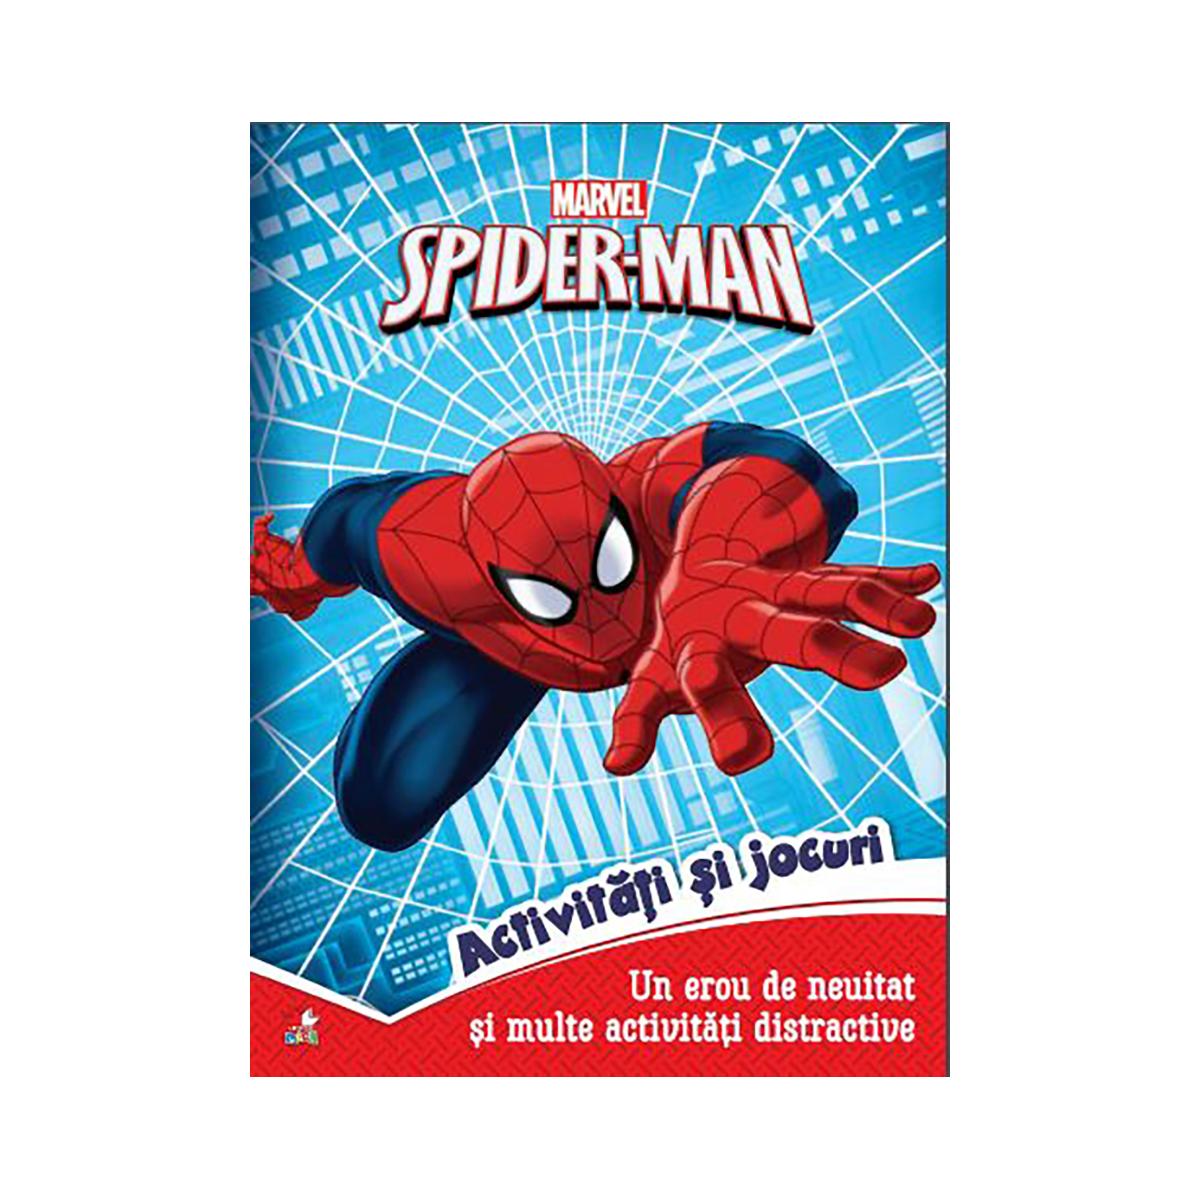 Carte cu activitati si jocuri Spiderman, Marvel